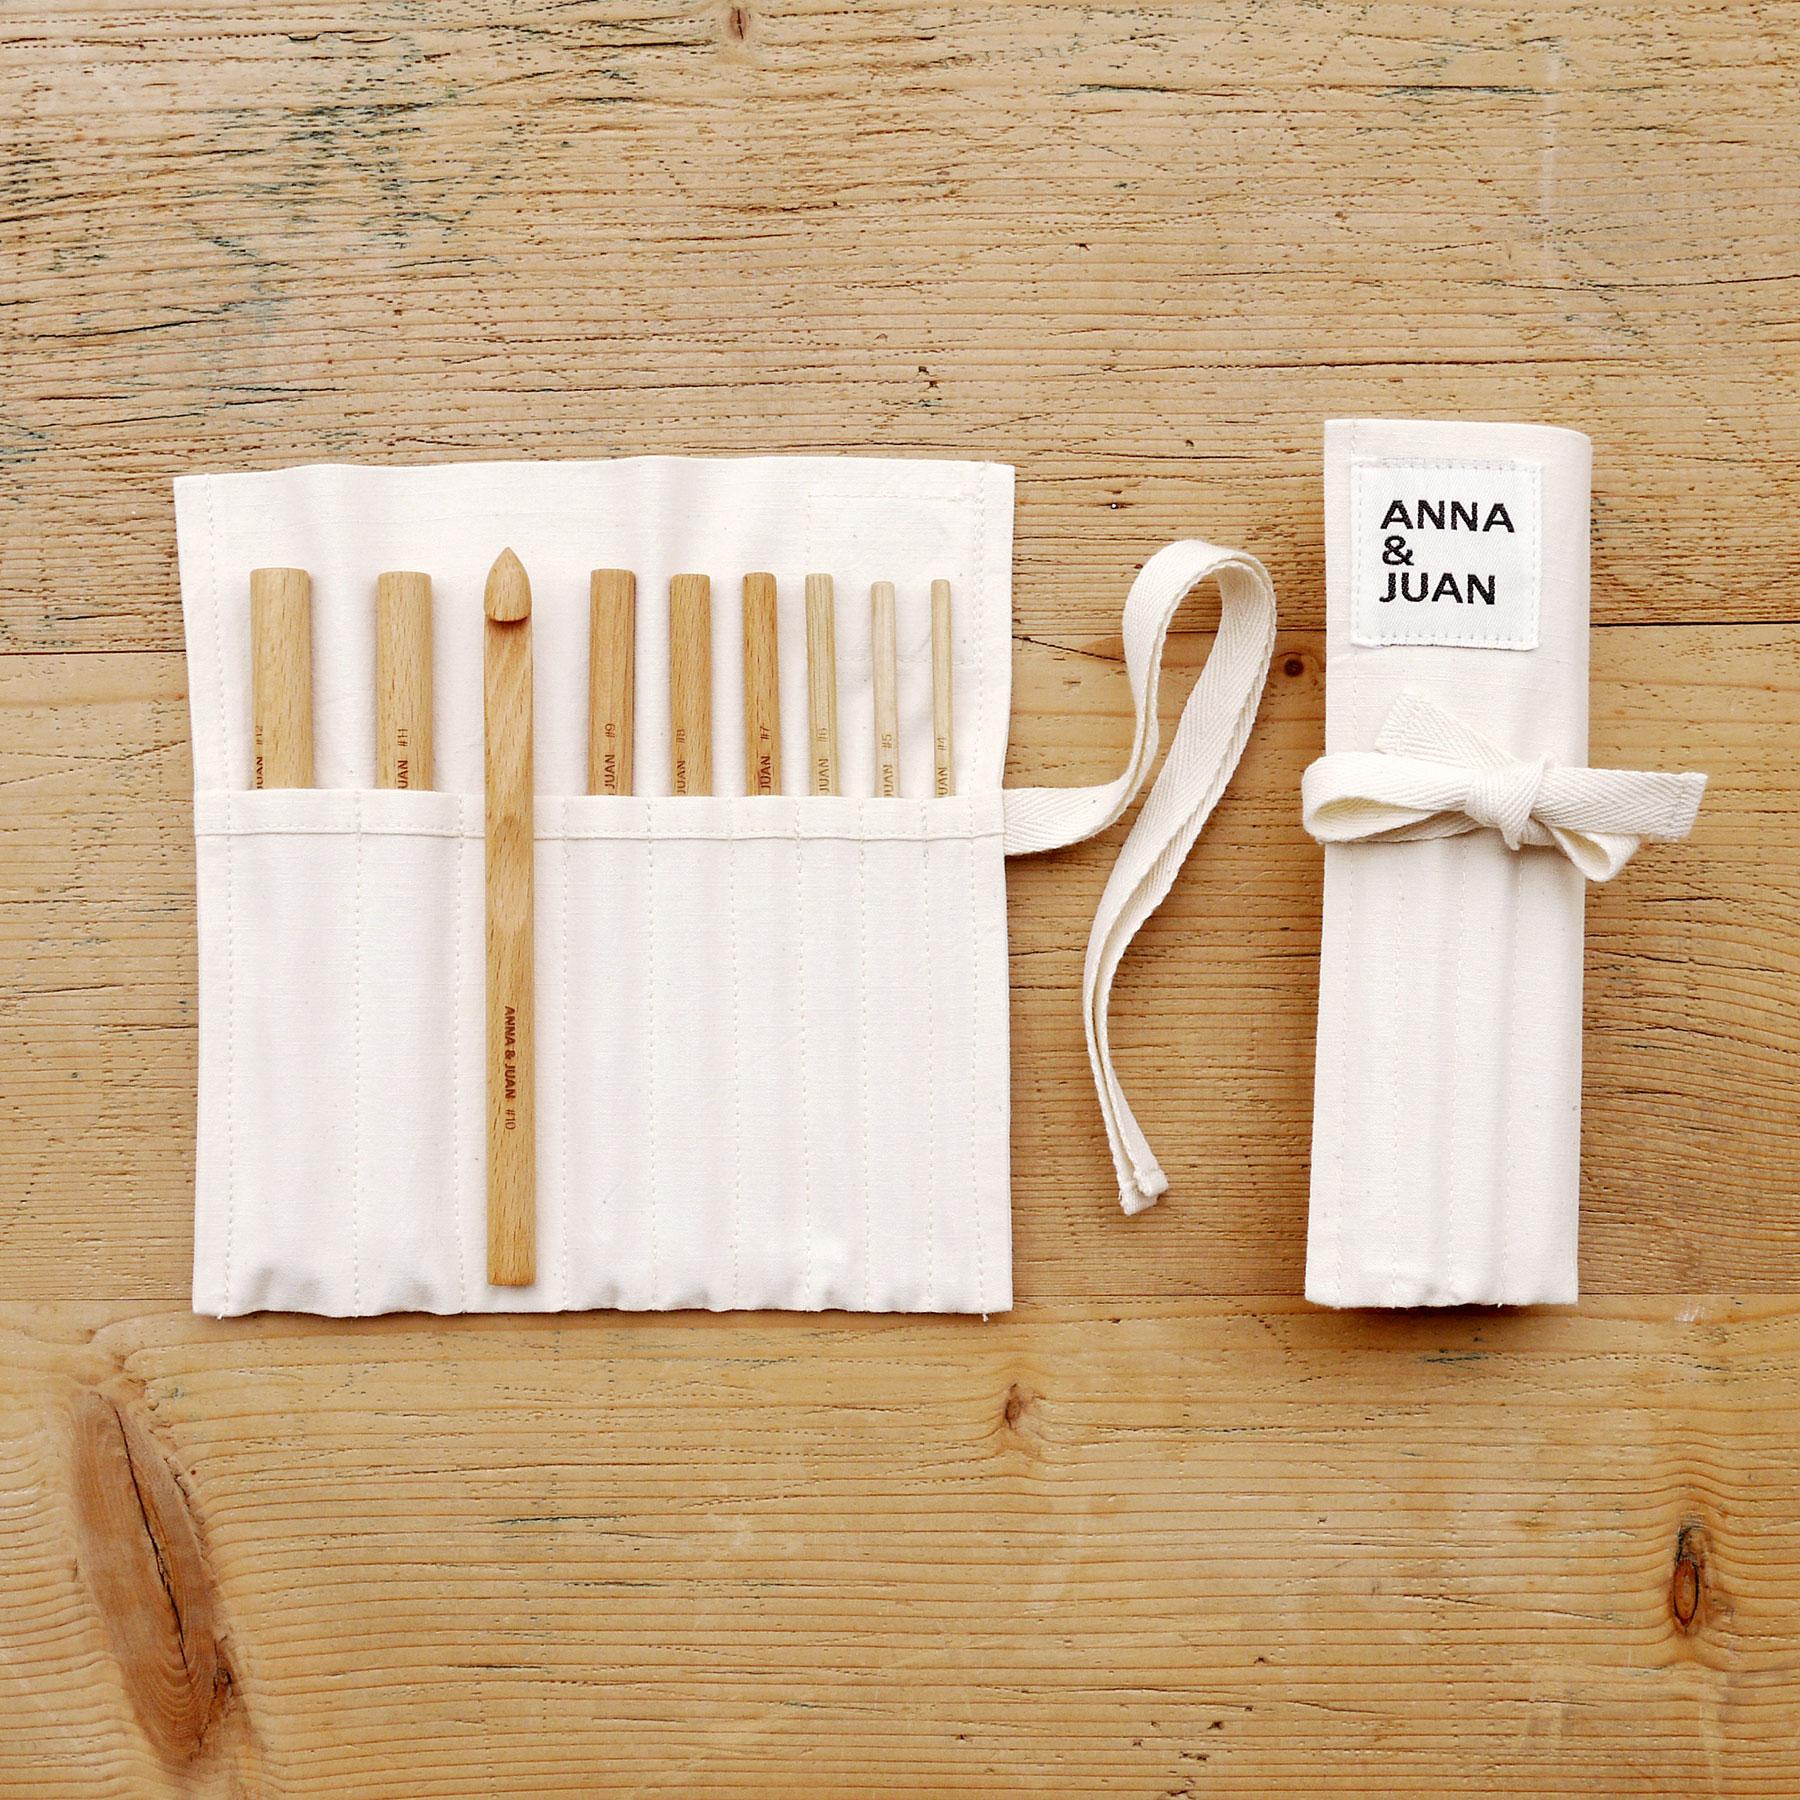 Anna & Juan – Crochet Hooks, Beech Wood – Set